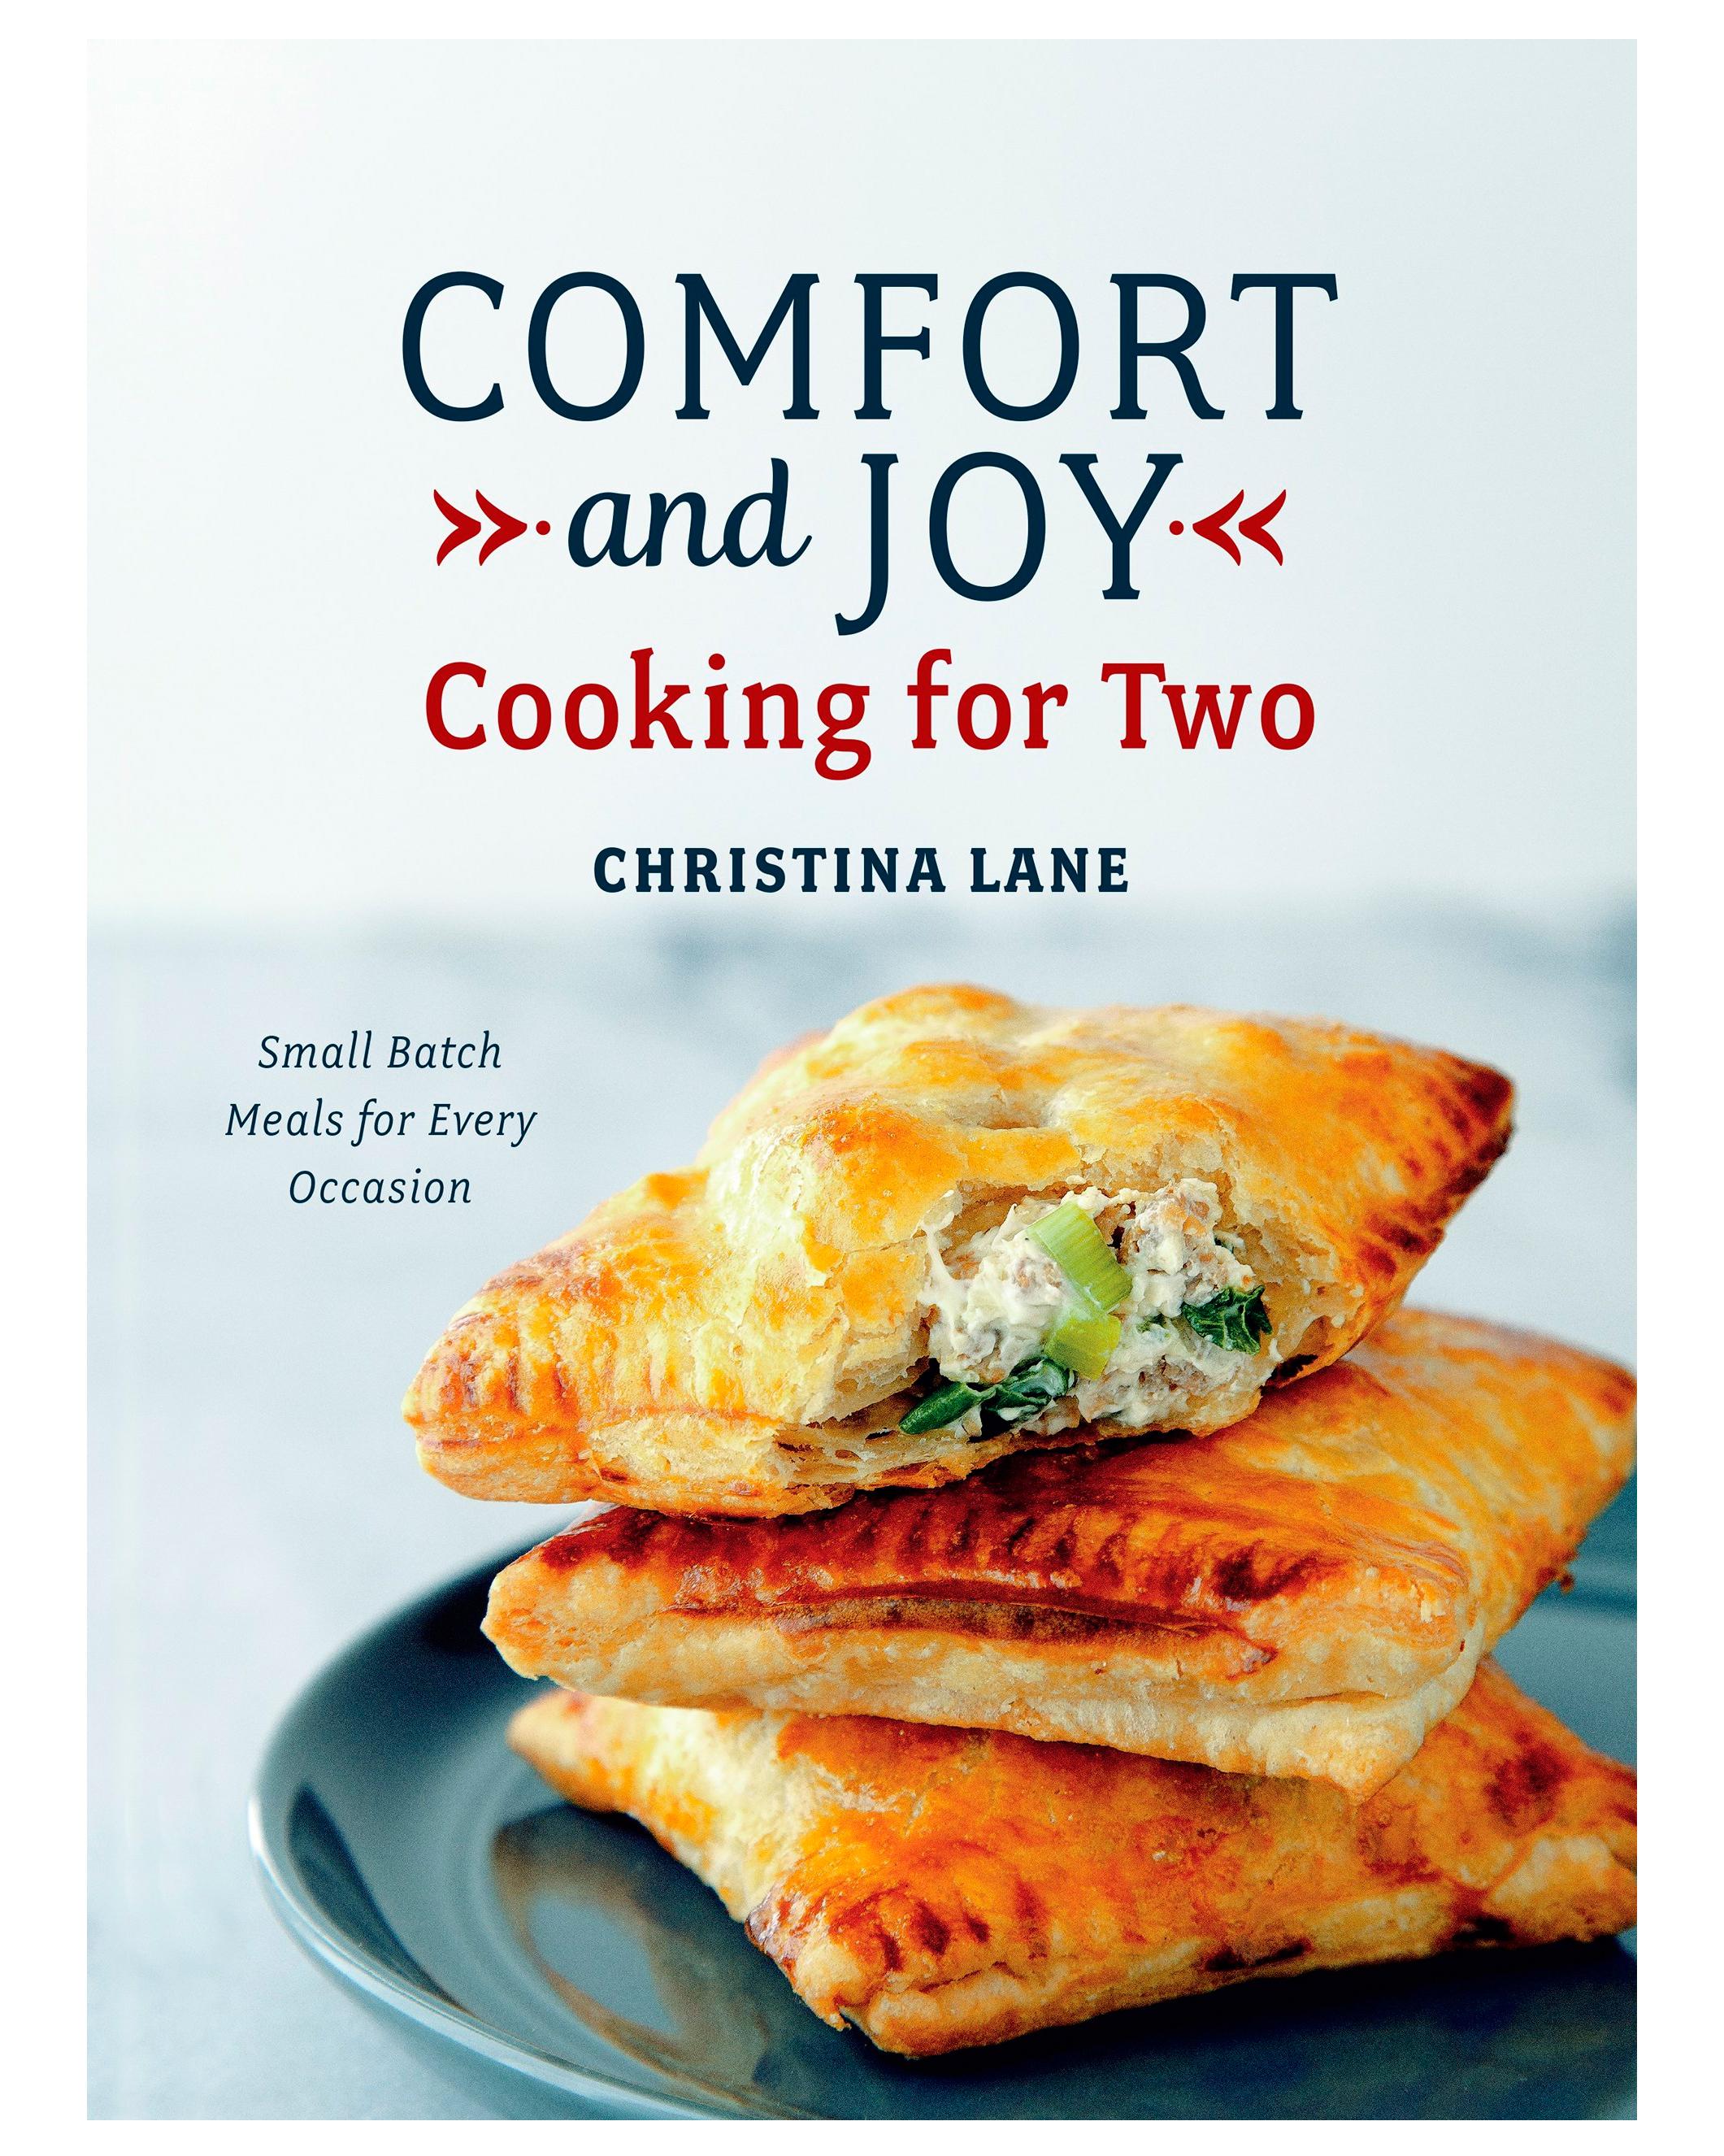 newlywed-cookbooks-comfort-joy-1015.jpg